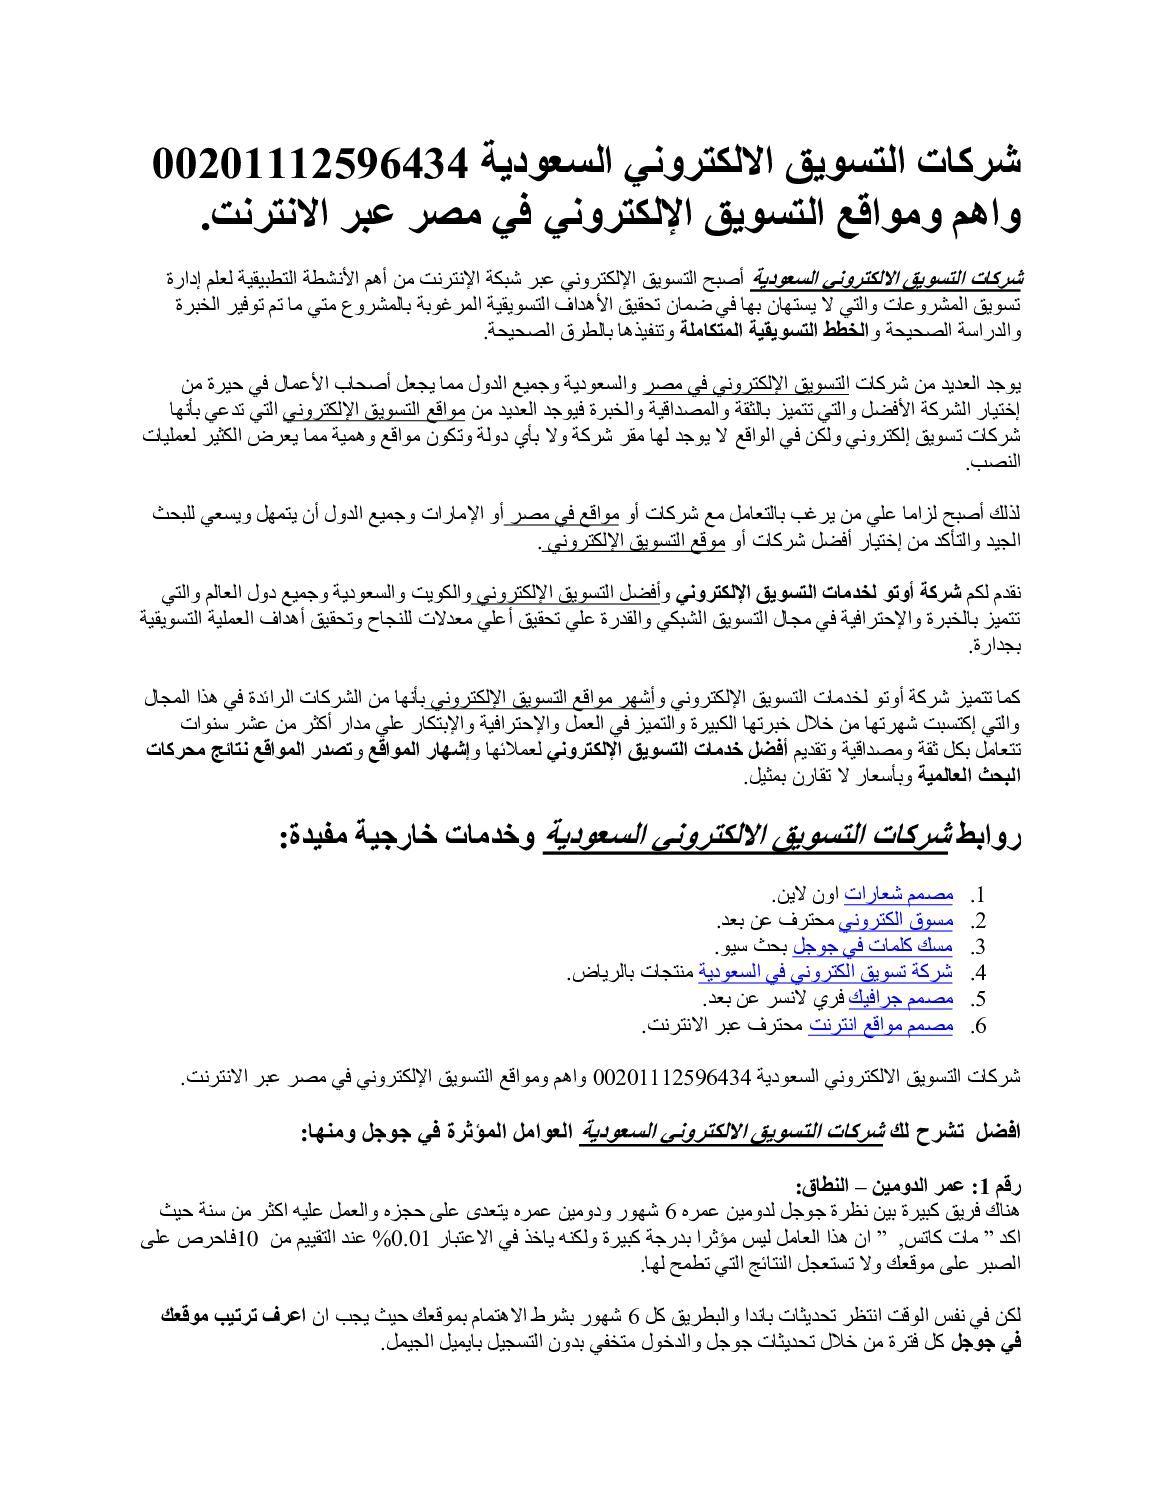 019546522 شركات التسويق الالكتروني السعودية 00201112596434 واهم ومواقع التسويق  الإلكتروني في مصر عبر الانترنت.